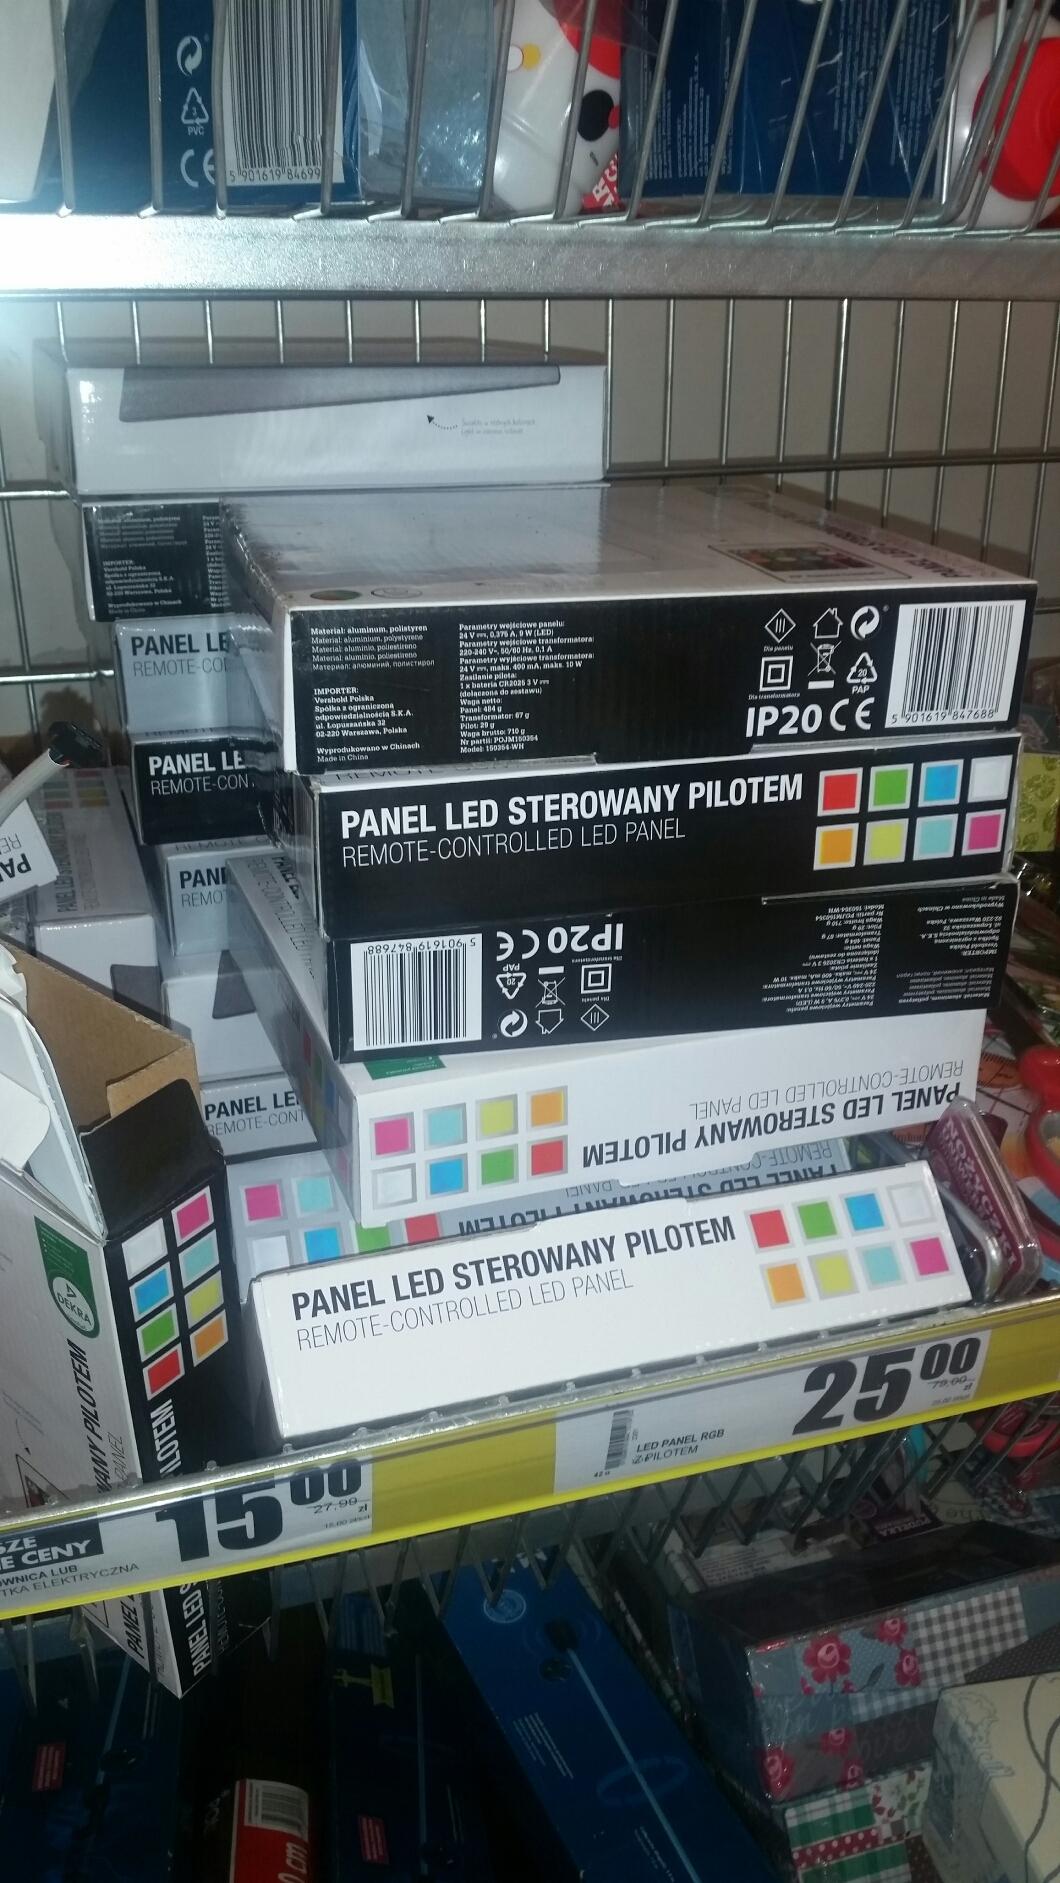 W Biedronce panel LED 68% taniej! Obniżka z 79 zł